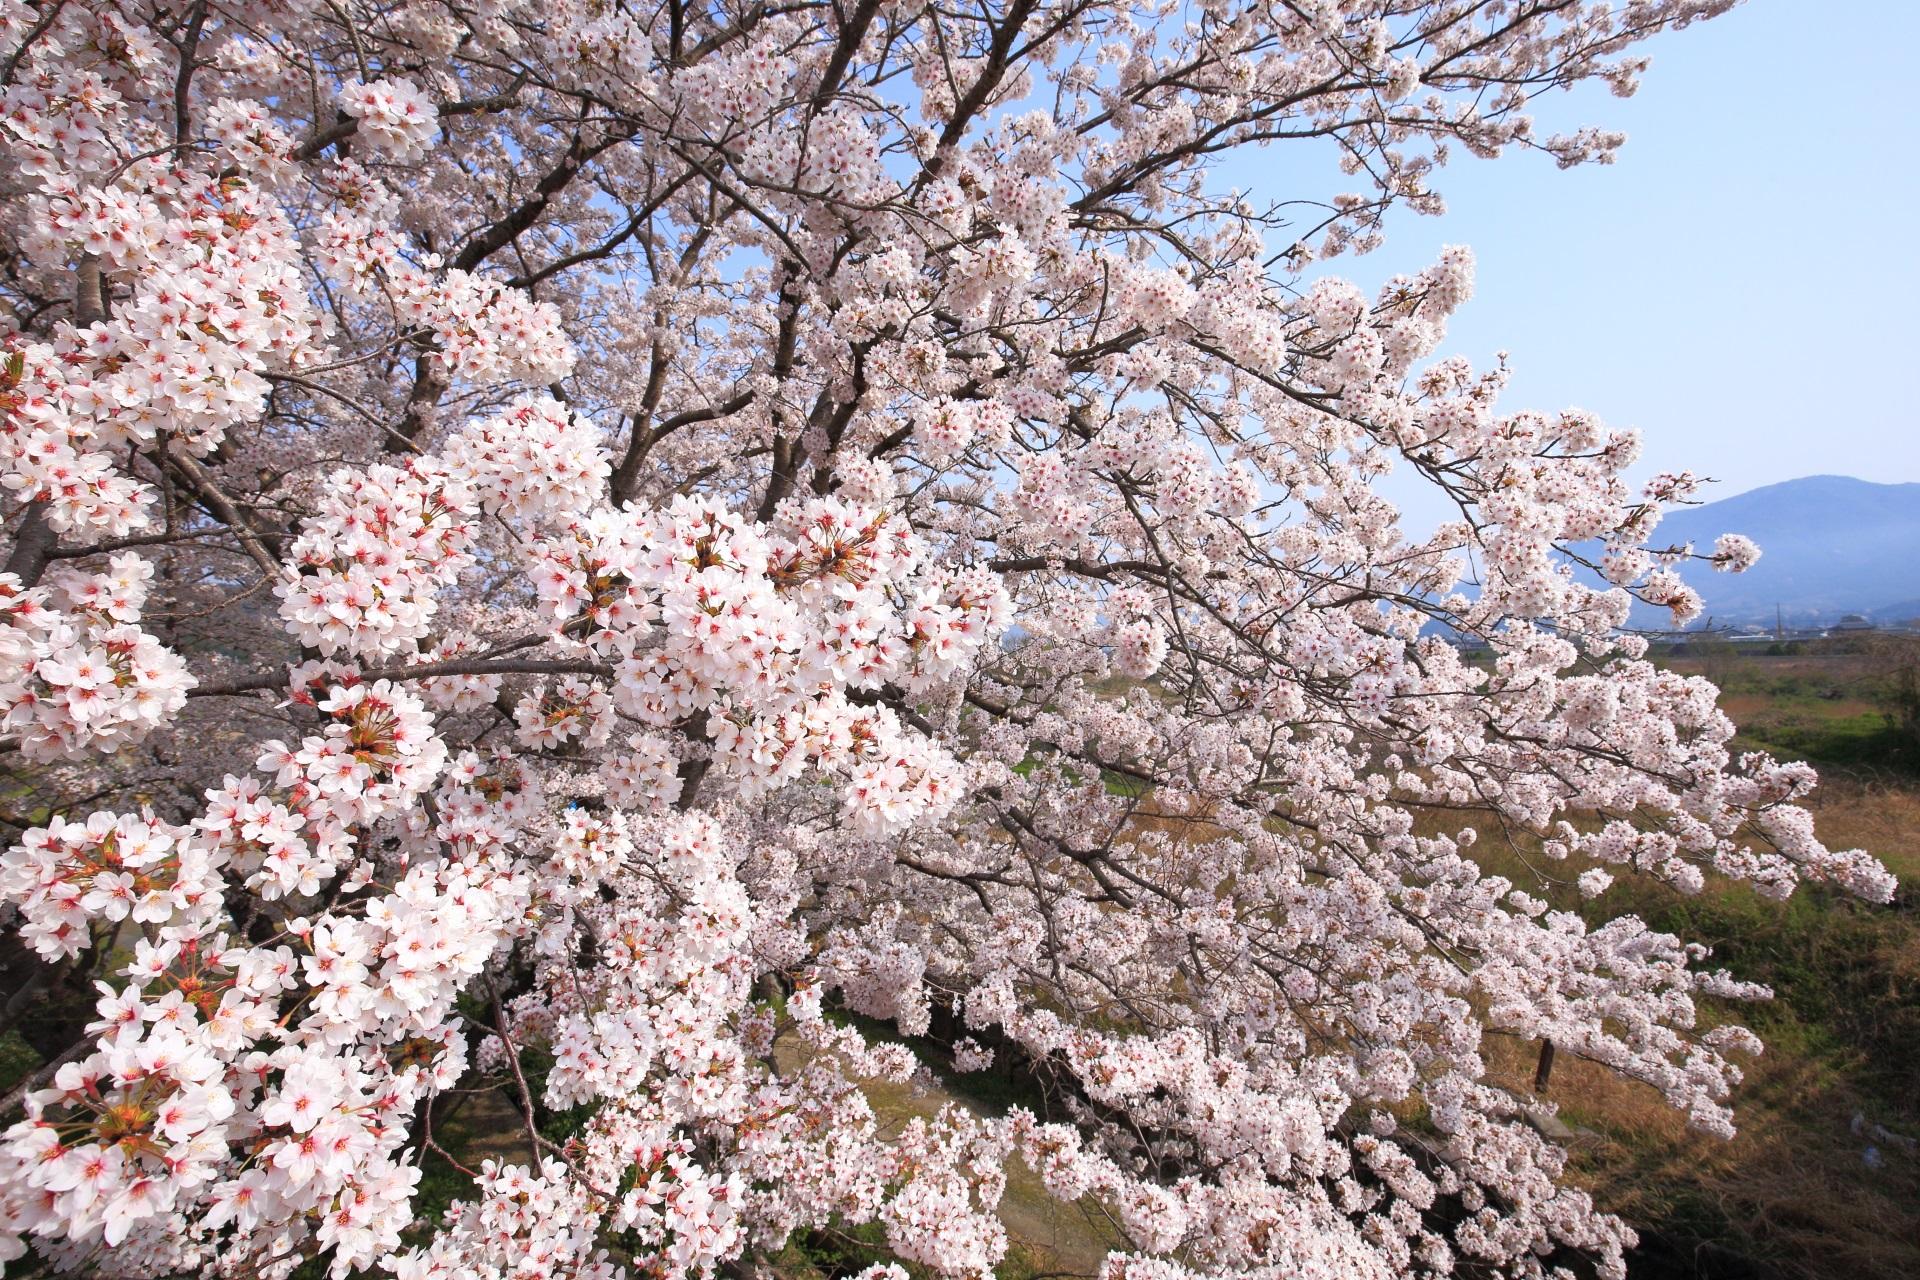 亀岡の弾けんばかりの圧巻の桜